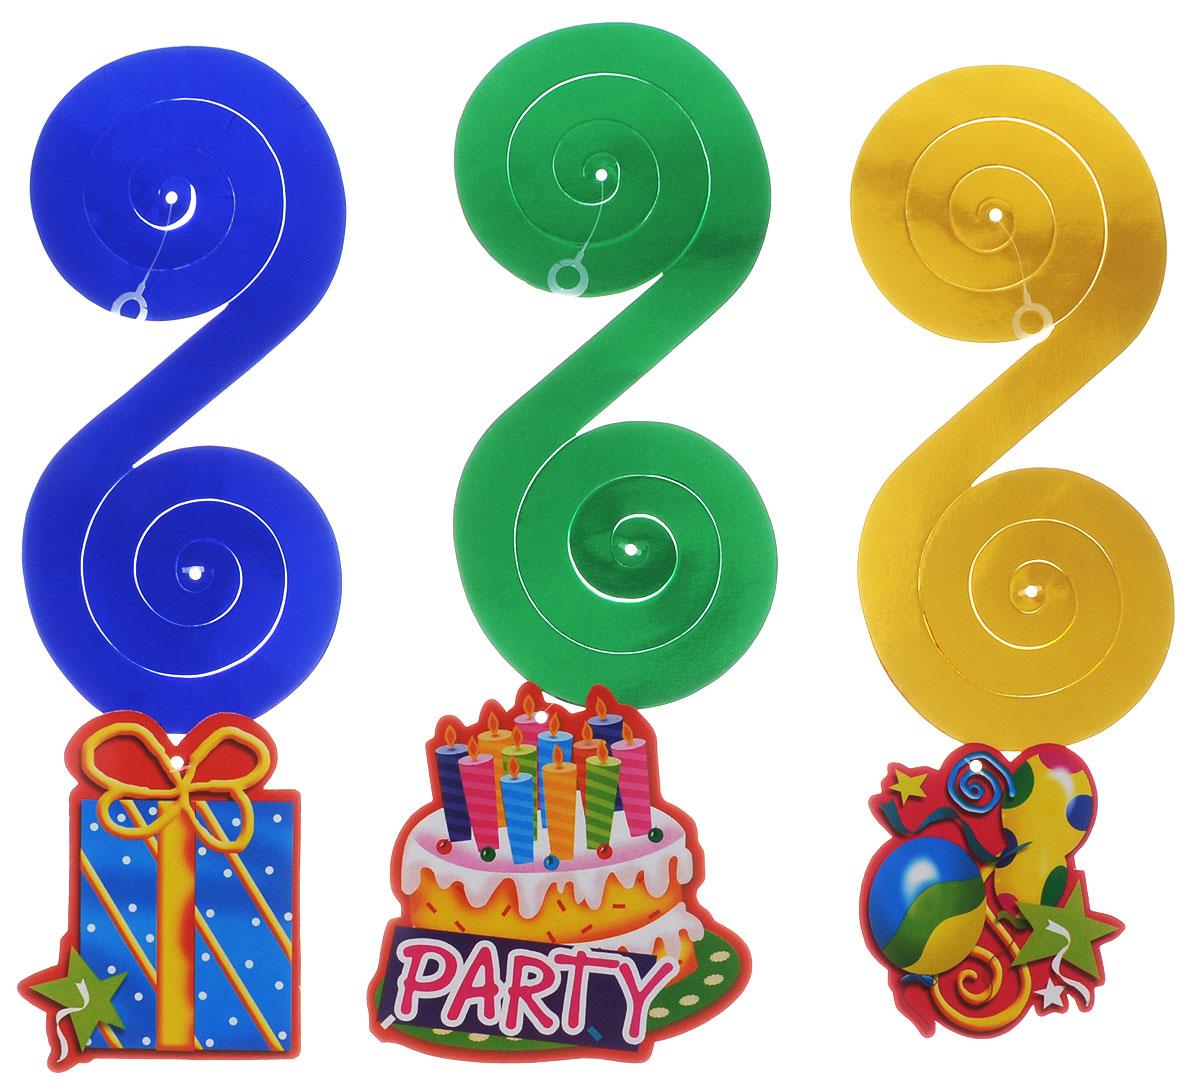 Action! Праздничная подвеска Вечеринка 3 штAPI0145Отличный набор ярких подвесок Action! Вечеринка, который великолепно украсит любую вечеринку и придаст праздничную атмосферу. Яркая подвеска украсит ваш праздник и подарит имениннику отличное настроение. В наборе 3 праздничные подвески.